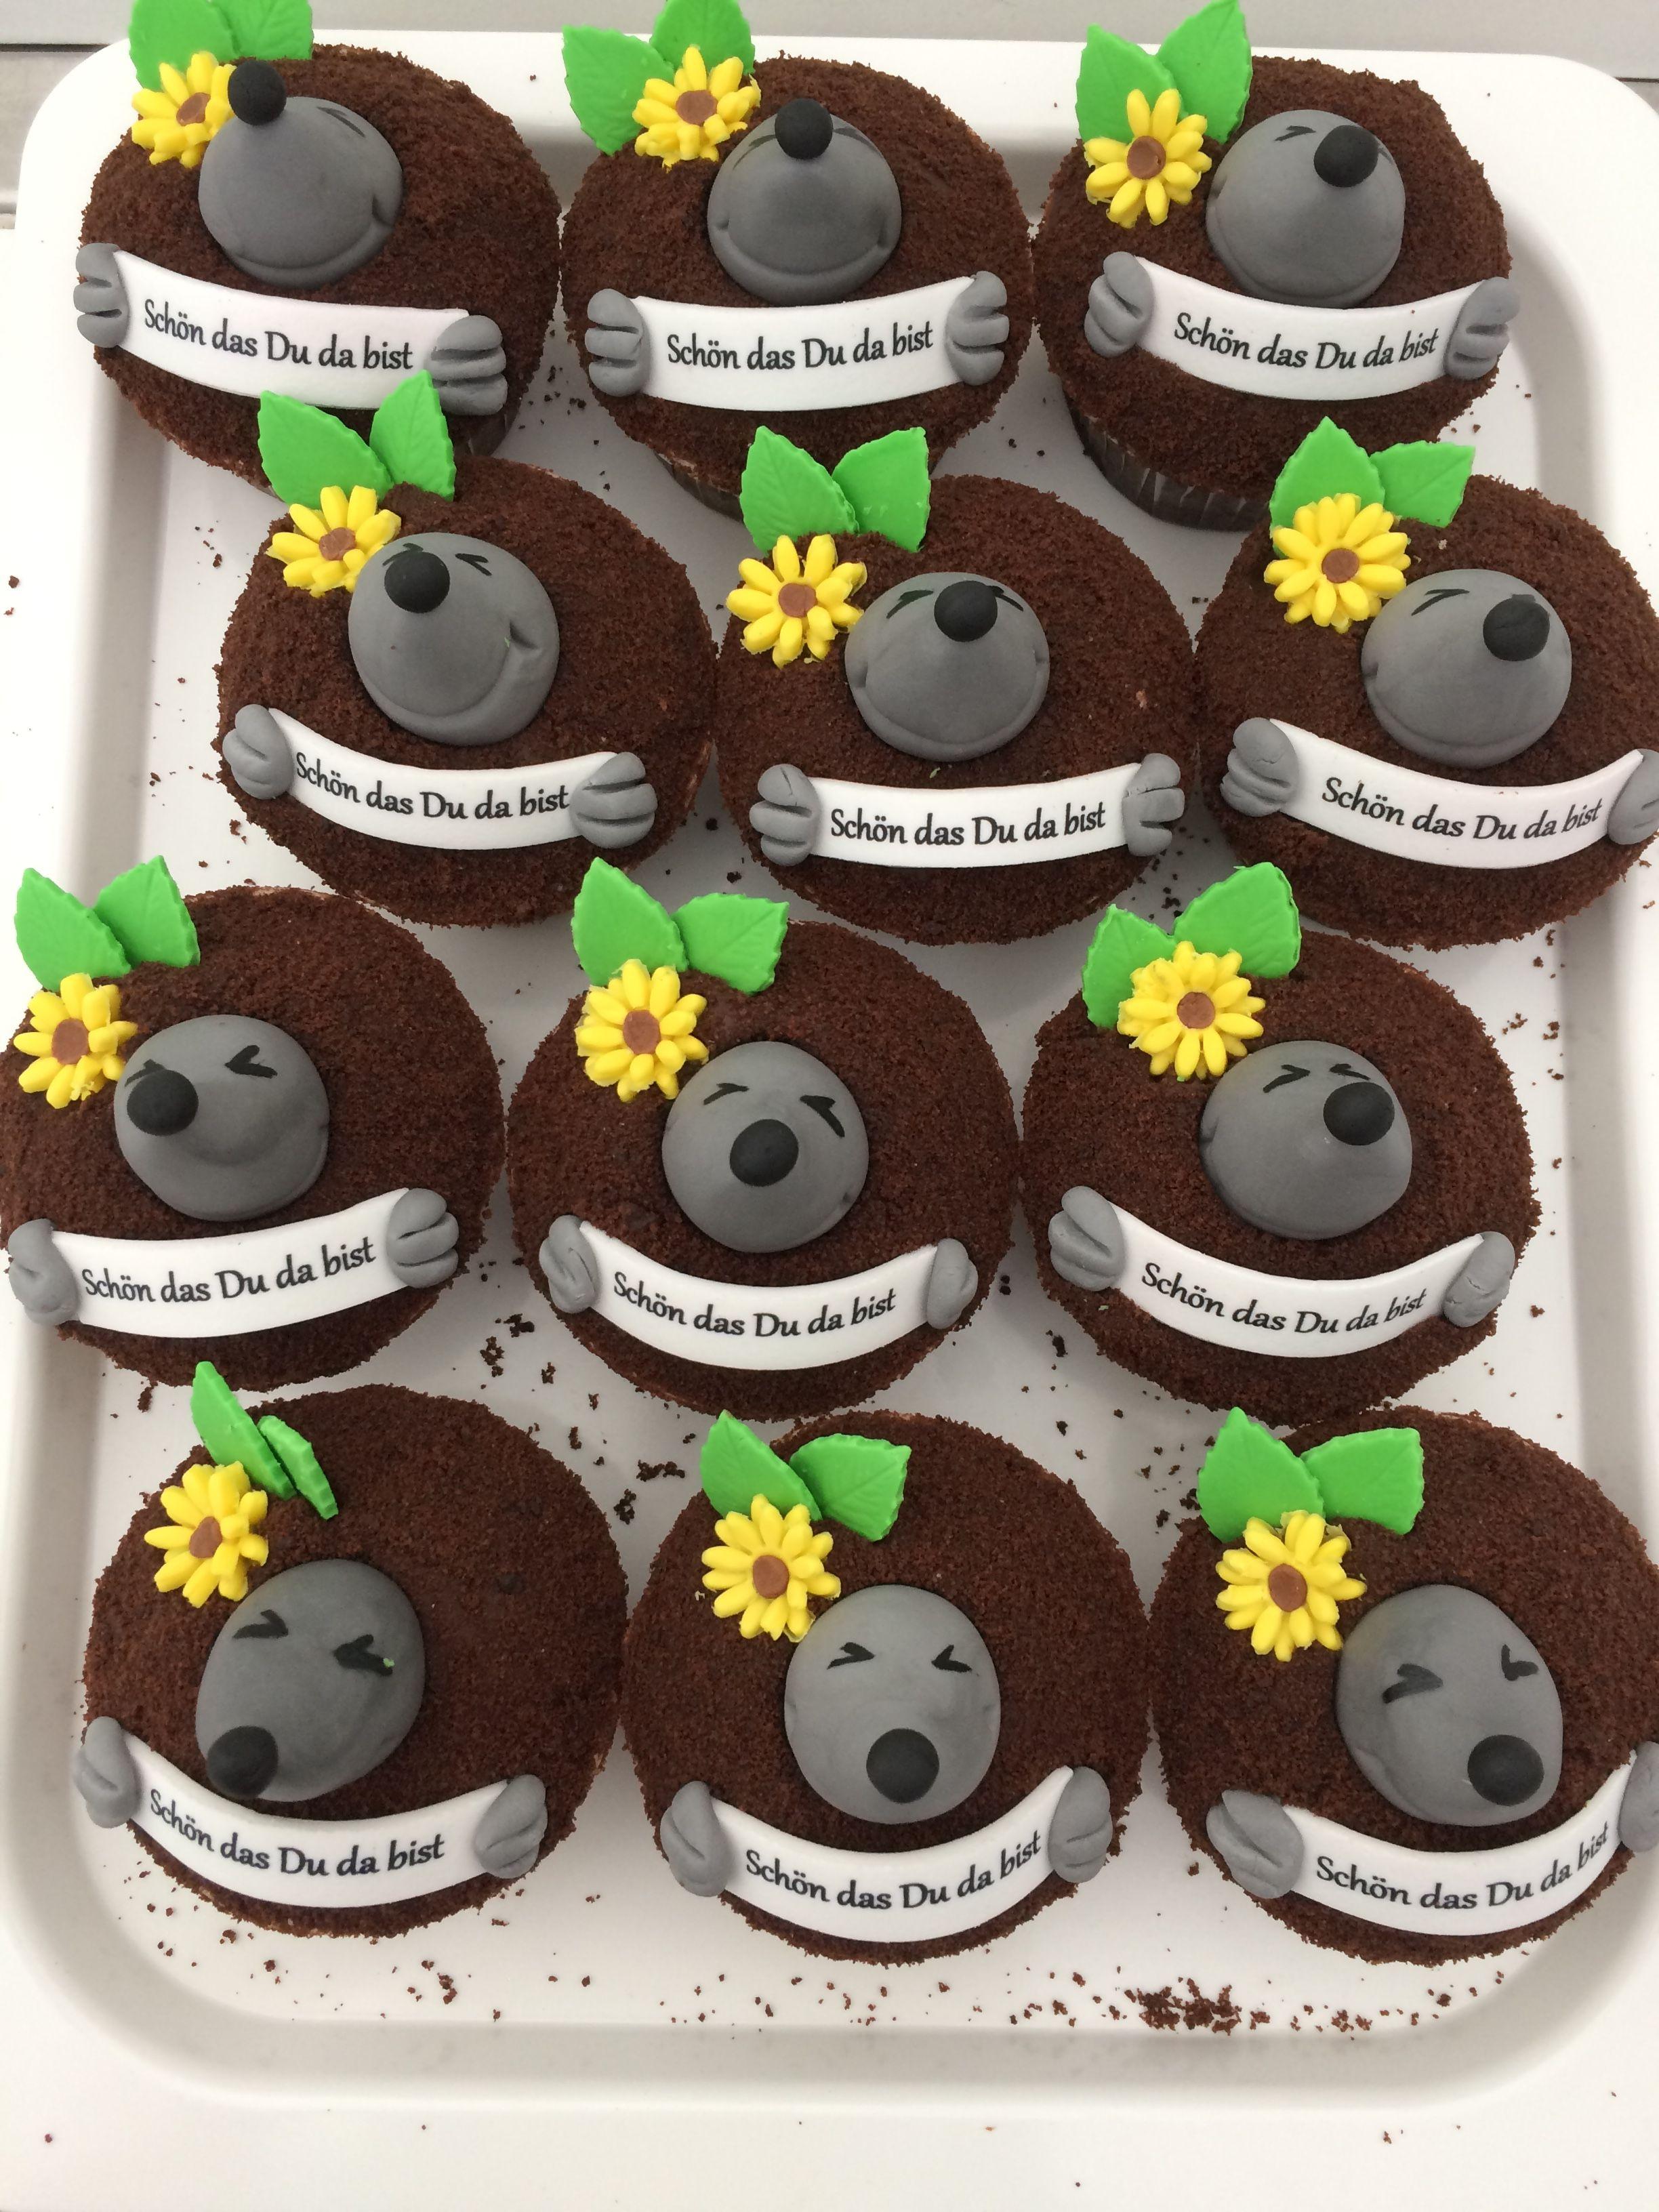 Maulwurf Cupcake Cupcakes Backen Schokokuchen Maulwurf Mauli Cupcakesdesign Yummy Kostlich Hamburg Wasdasher Cupcakes Geburtstagstorte Motivtorten